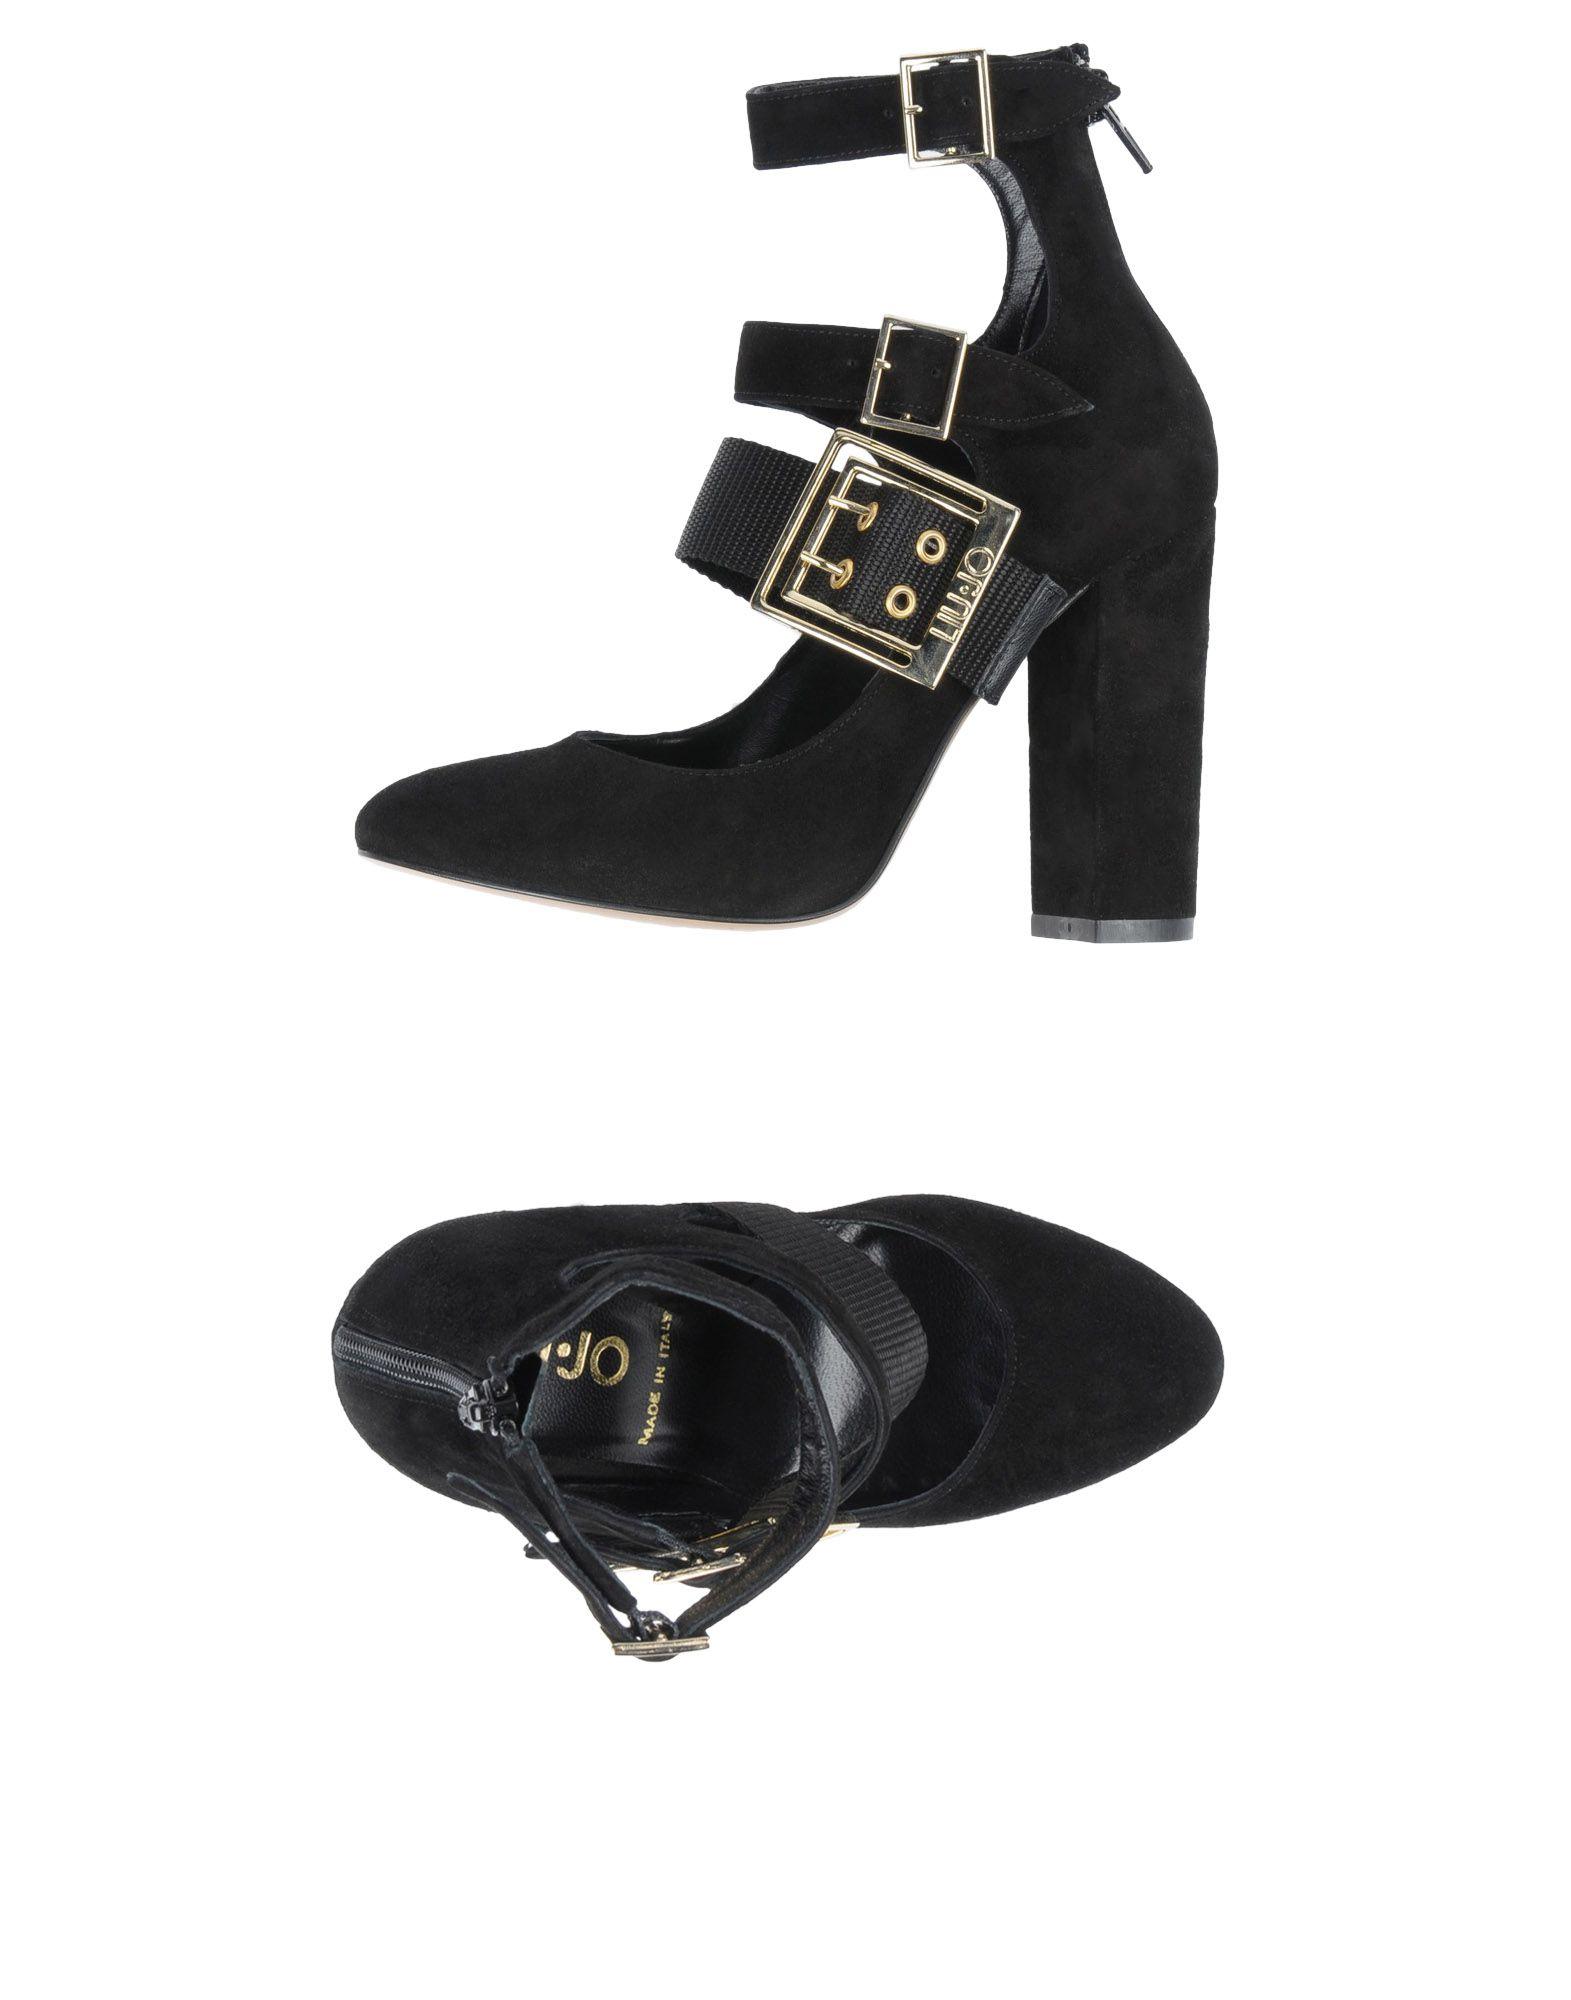 Sandali Brera offerte Donna - 11511766SC Nuove offerte Brera e scarpe comode ffddec